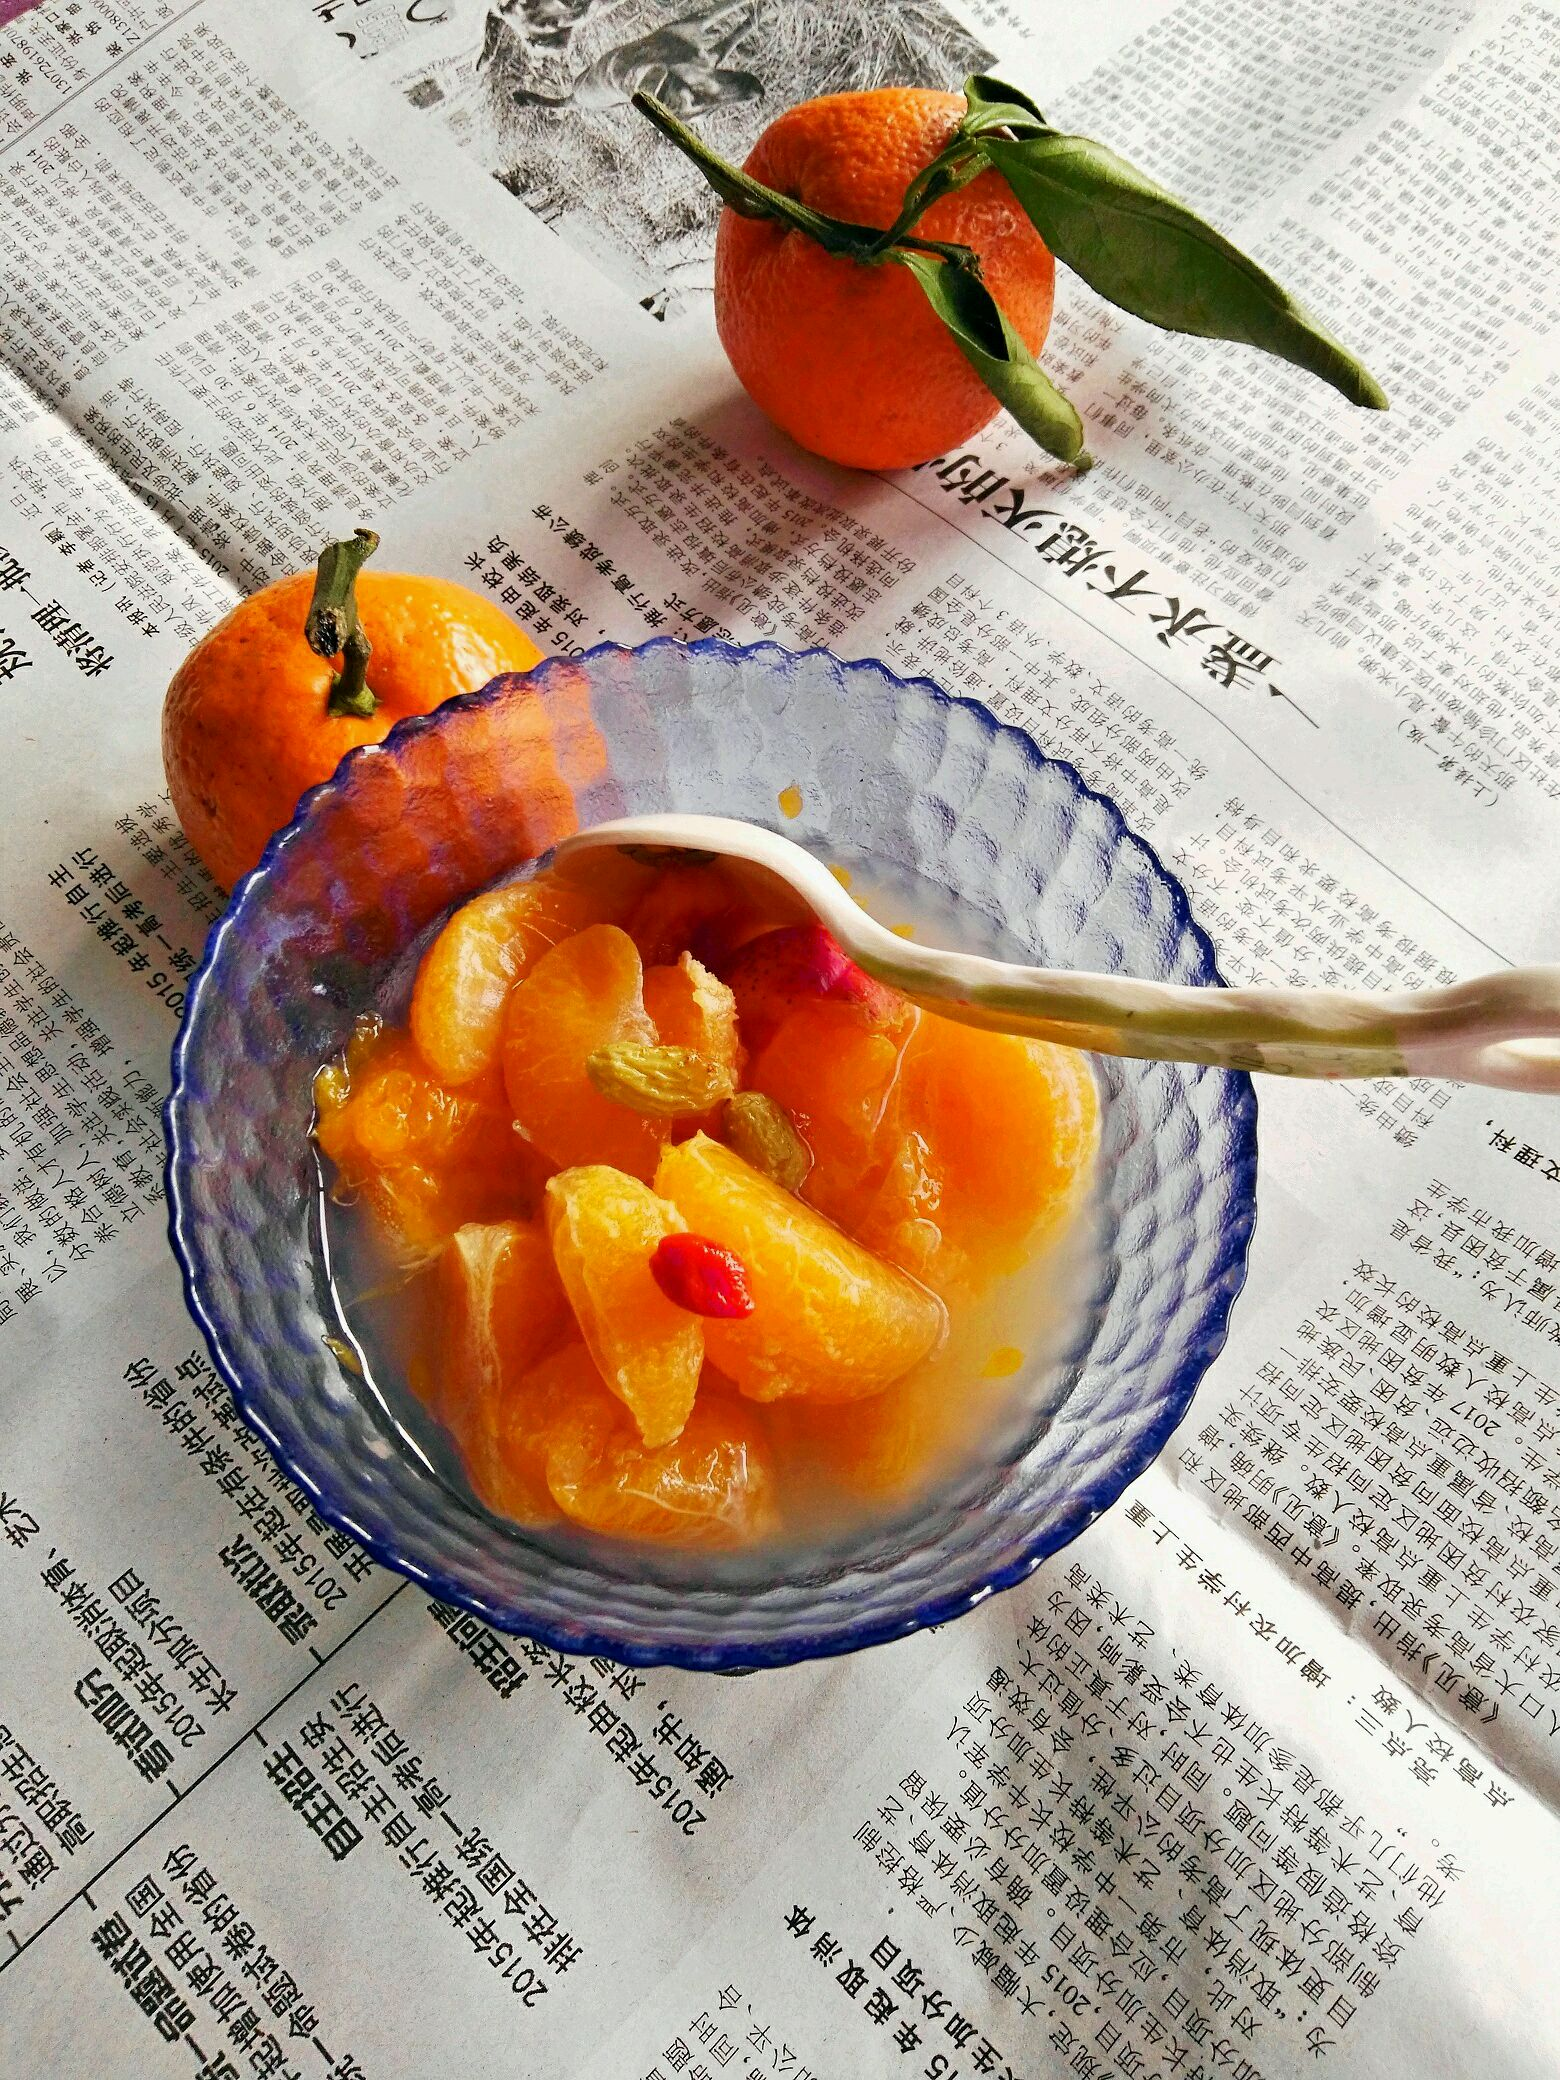 山楂三个 枸杞适量,点缀一下 葡萄干适量 橘子罐头的做法步骤